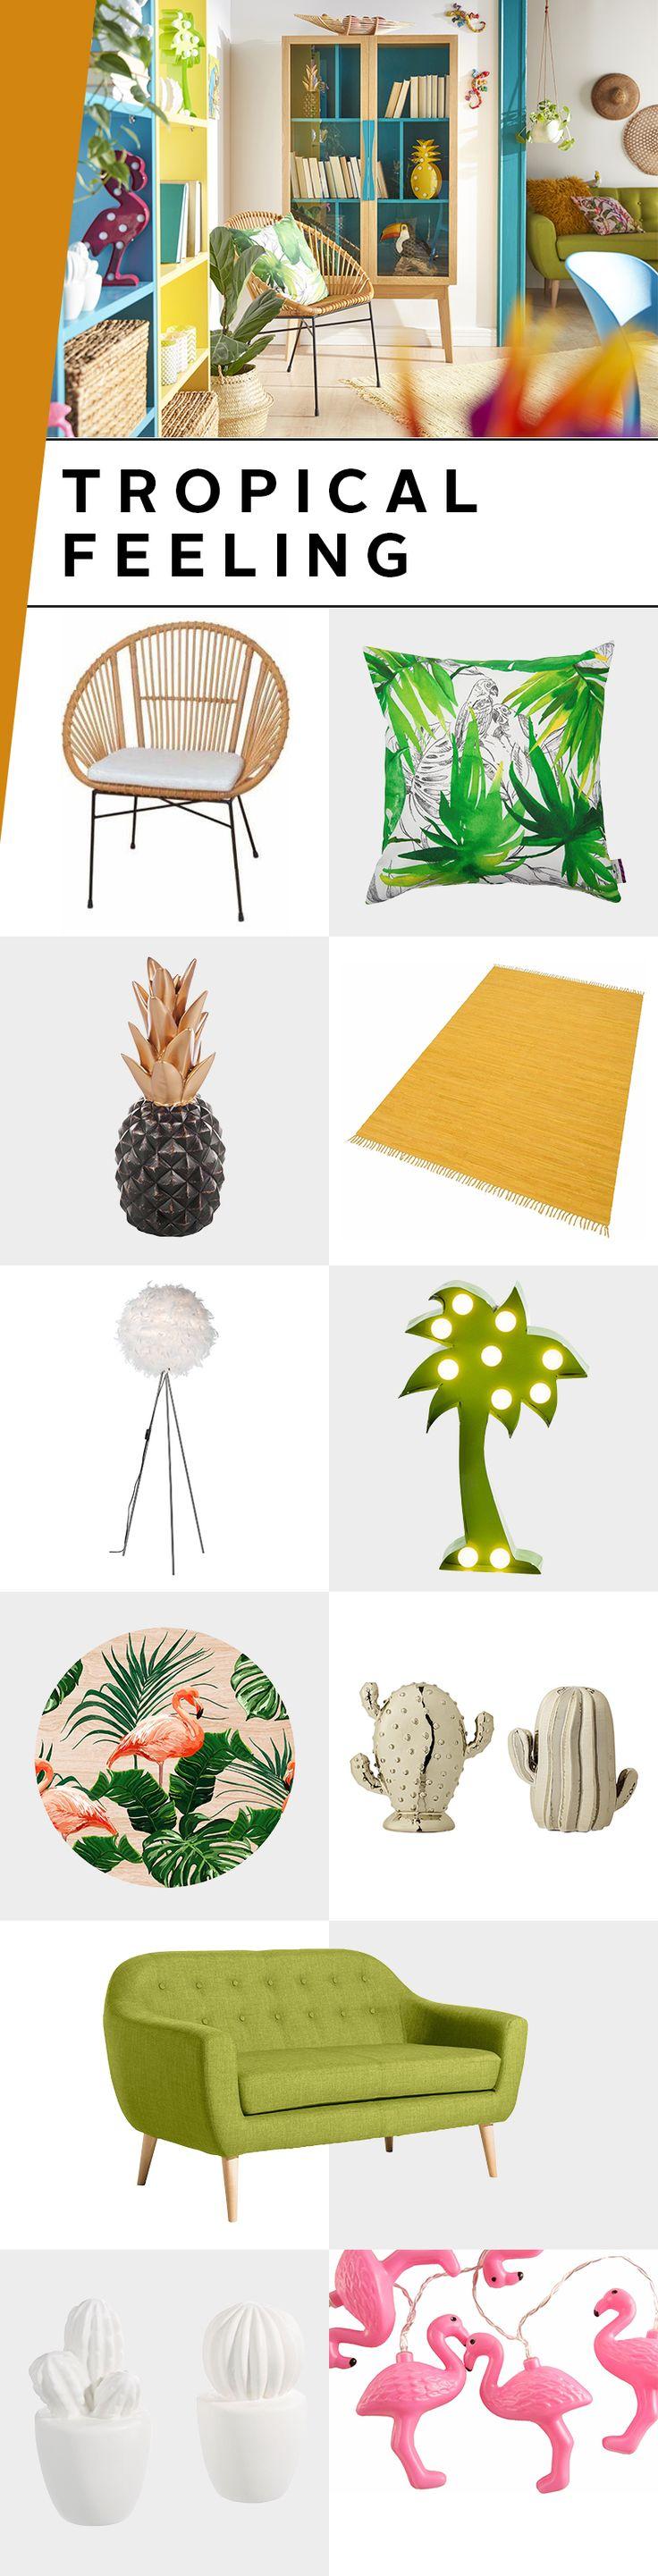 Mach doch mal Urlaub in deinen eigenen vier Wänden Ob Ananas Deko Palmen